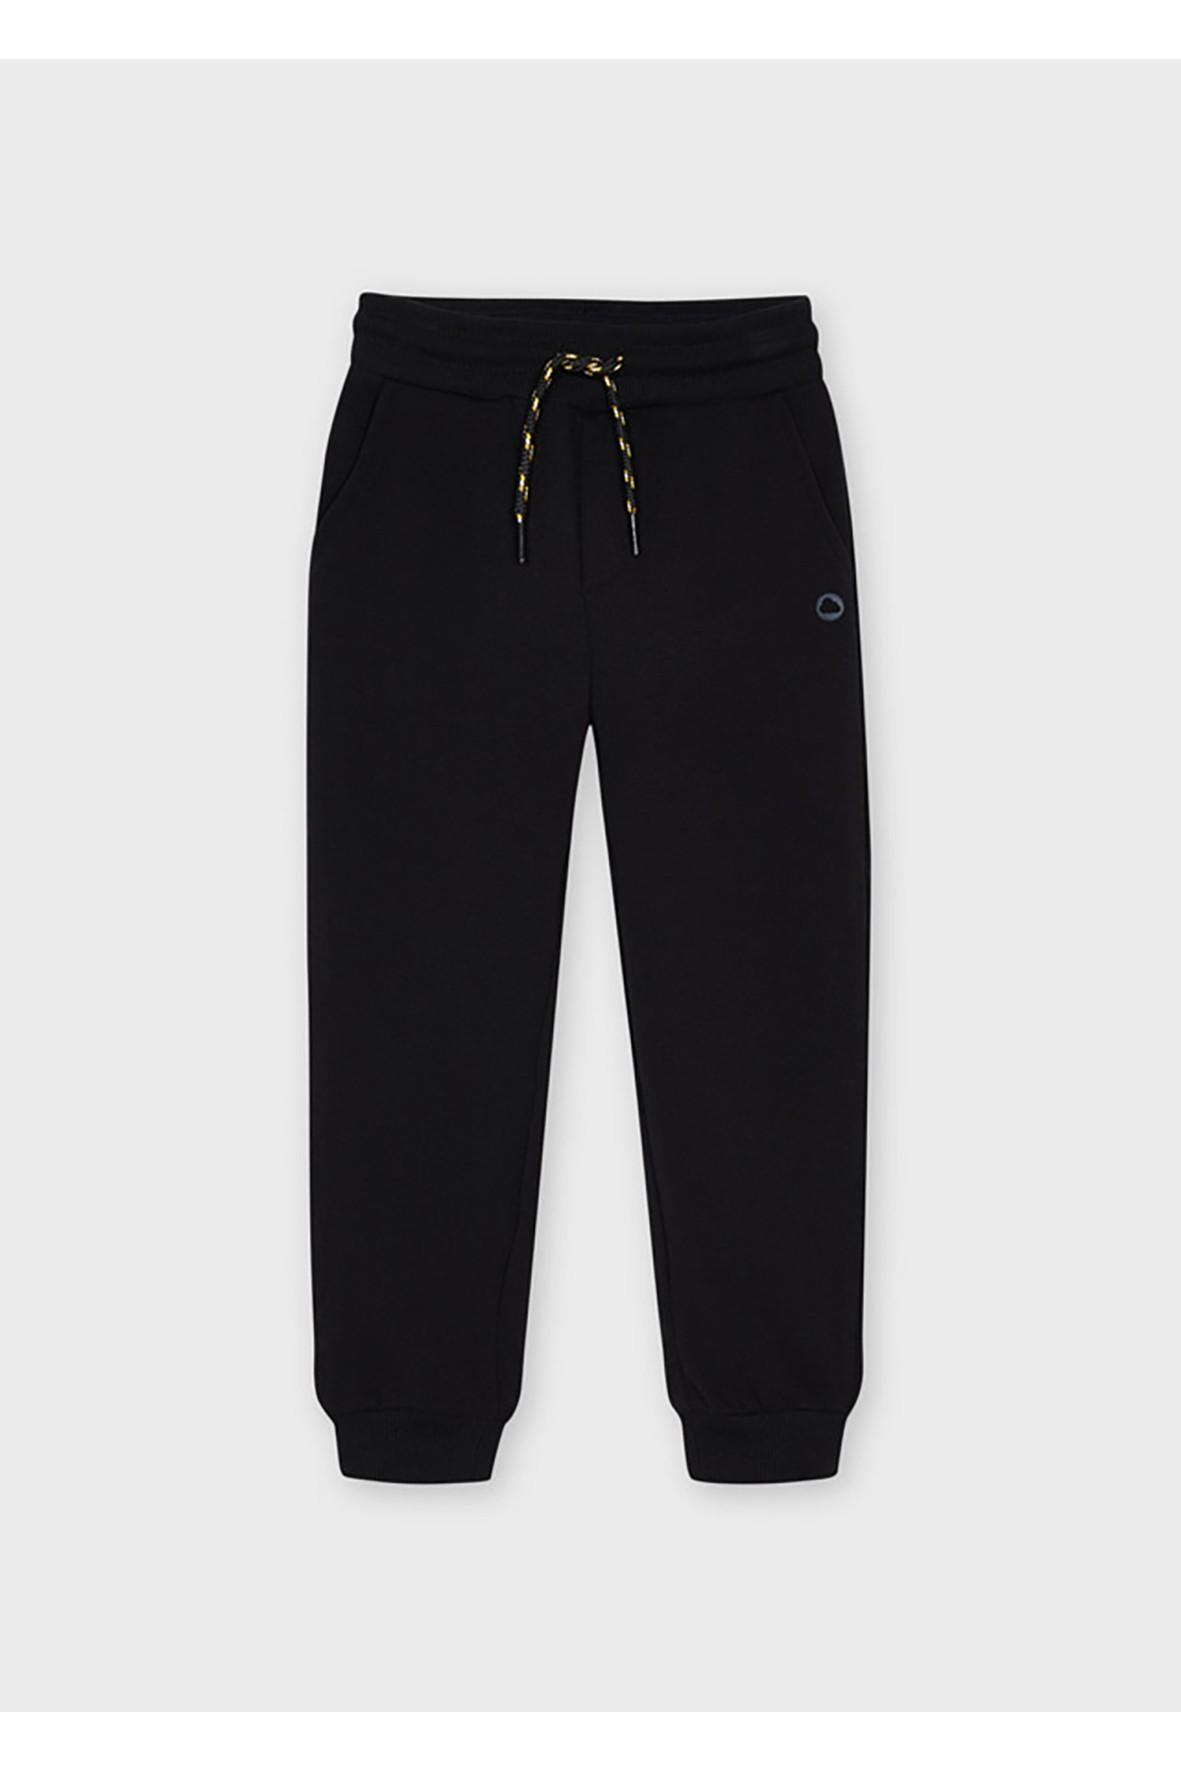 Długie chłopięce spodnie  dresowe - czarne